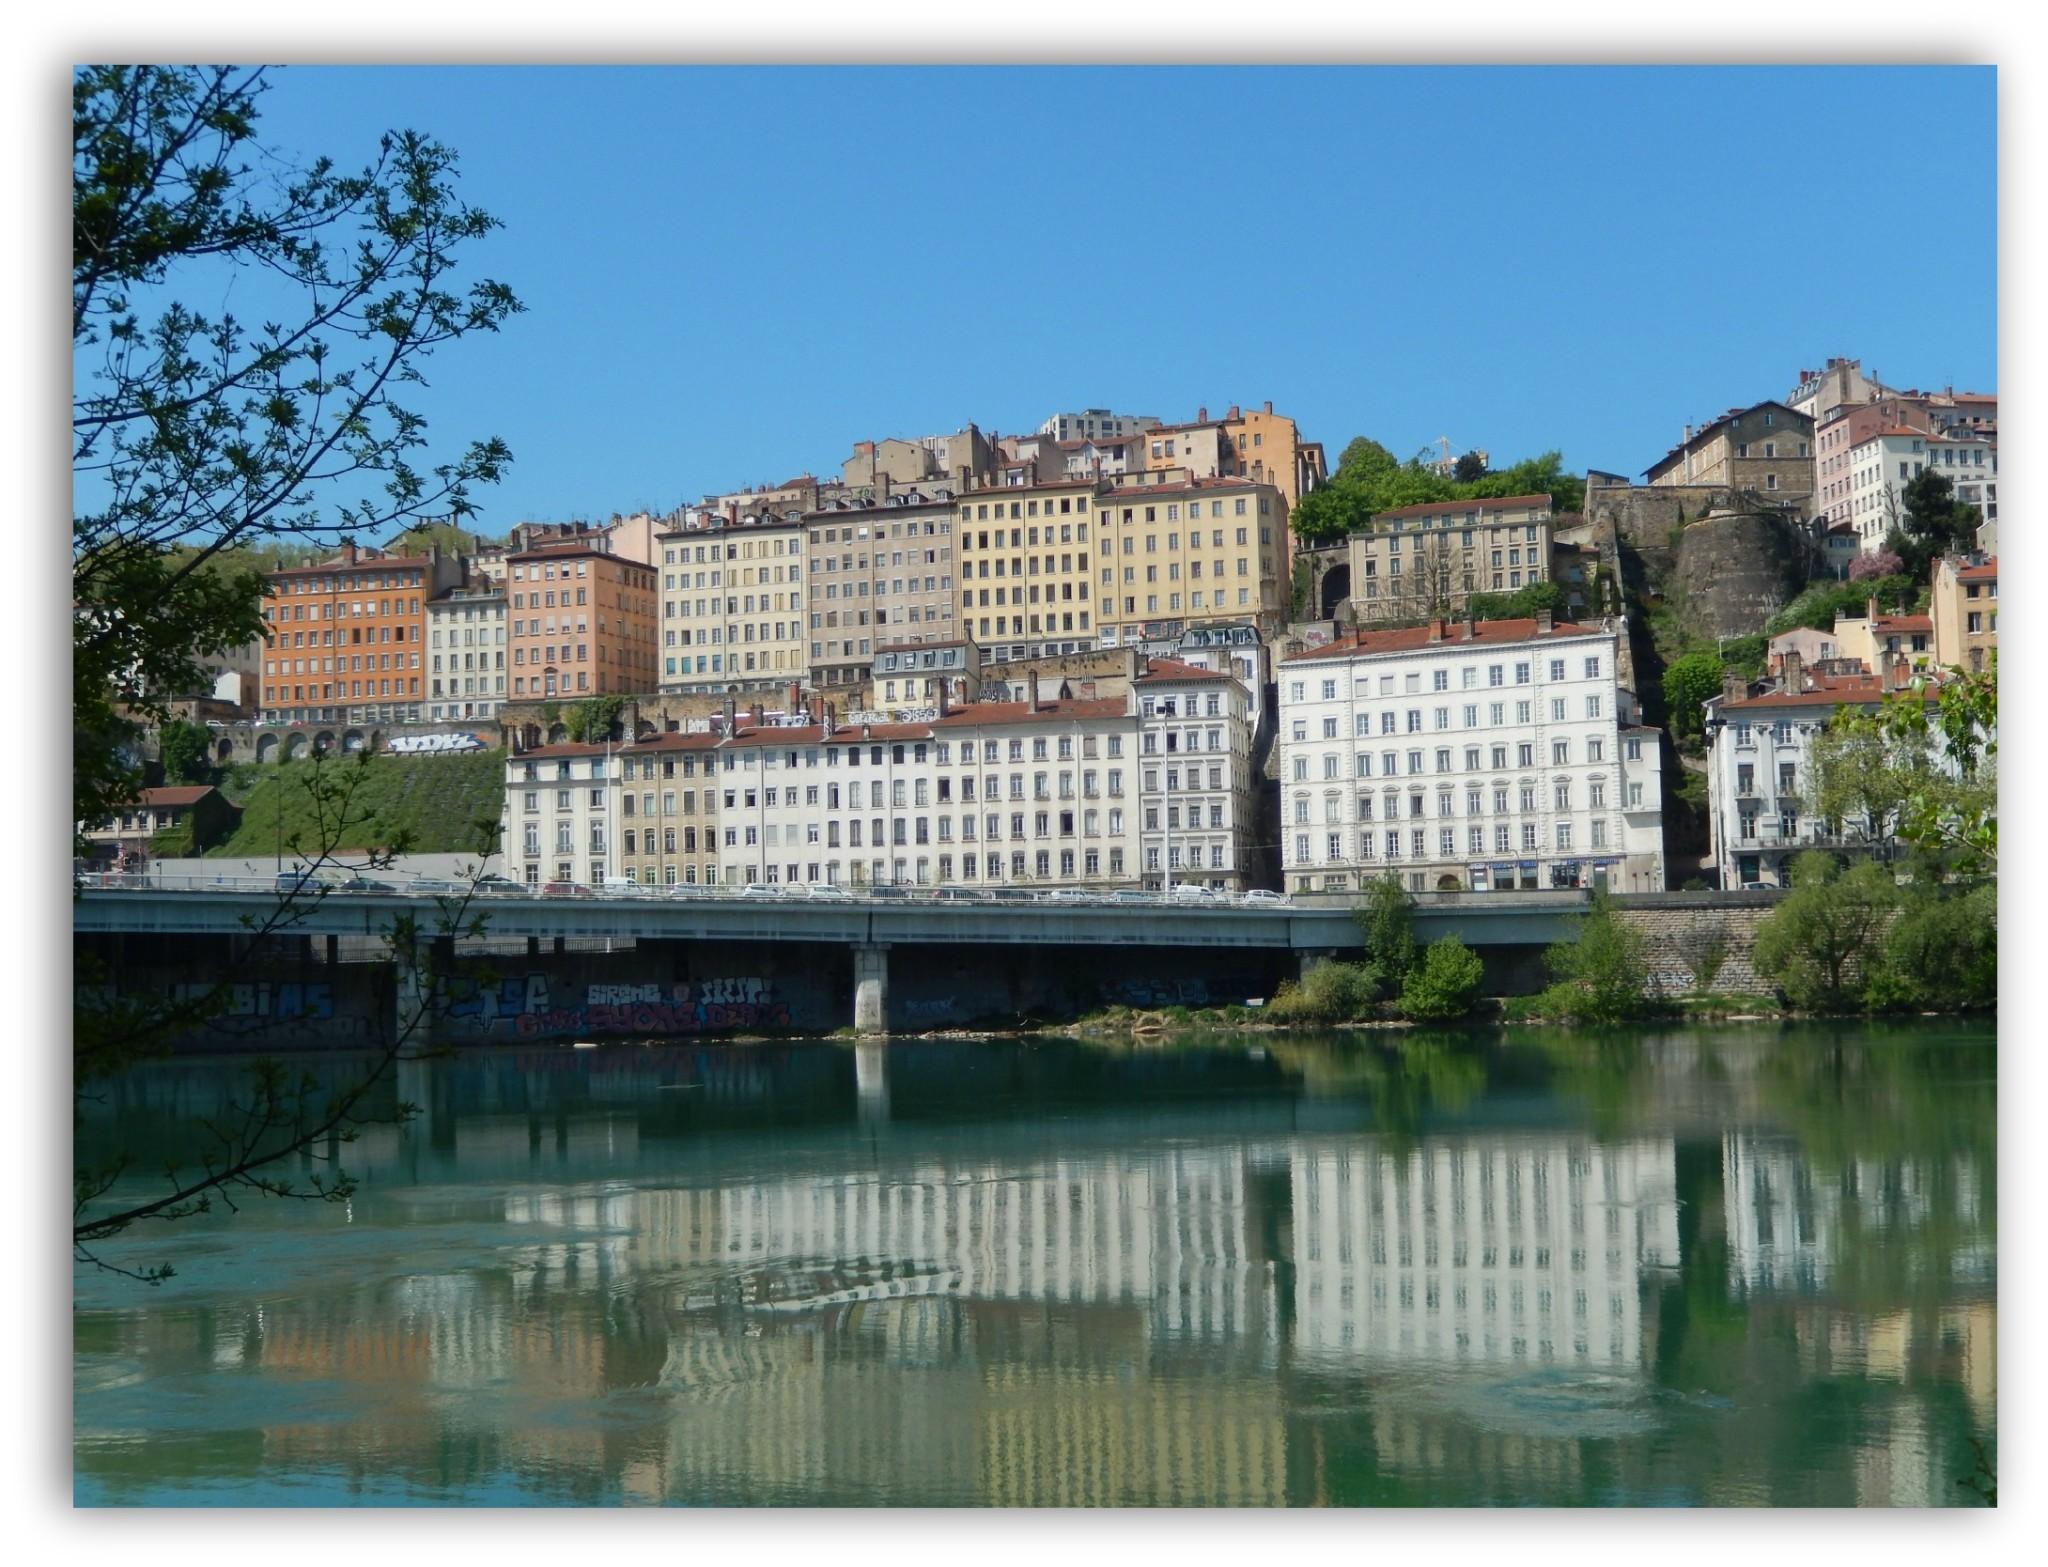 Inchirieri auto în Lyon